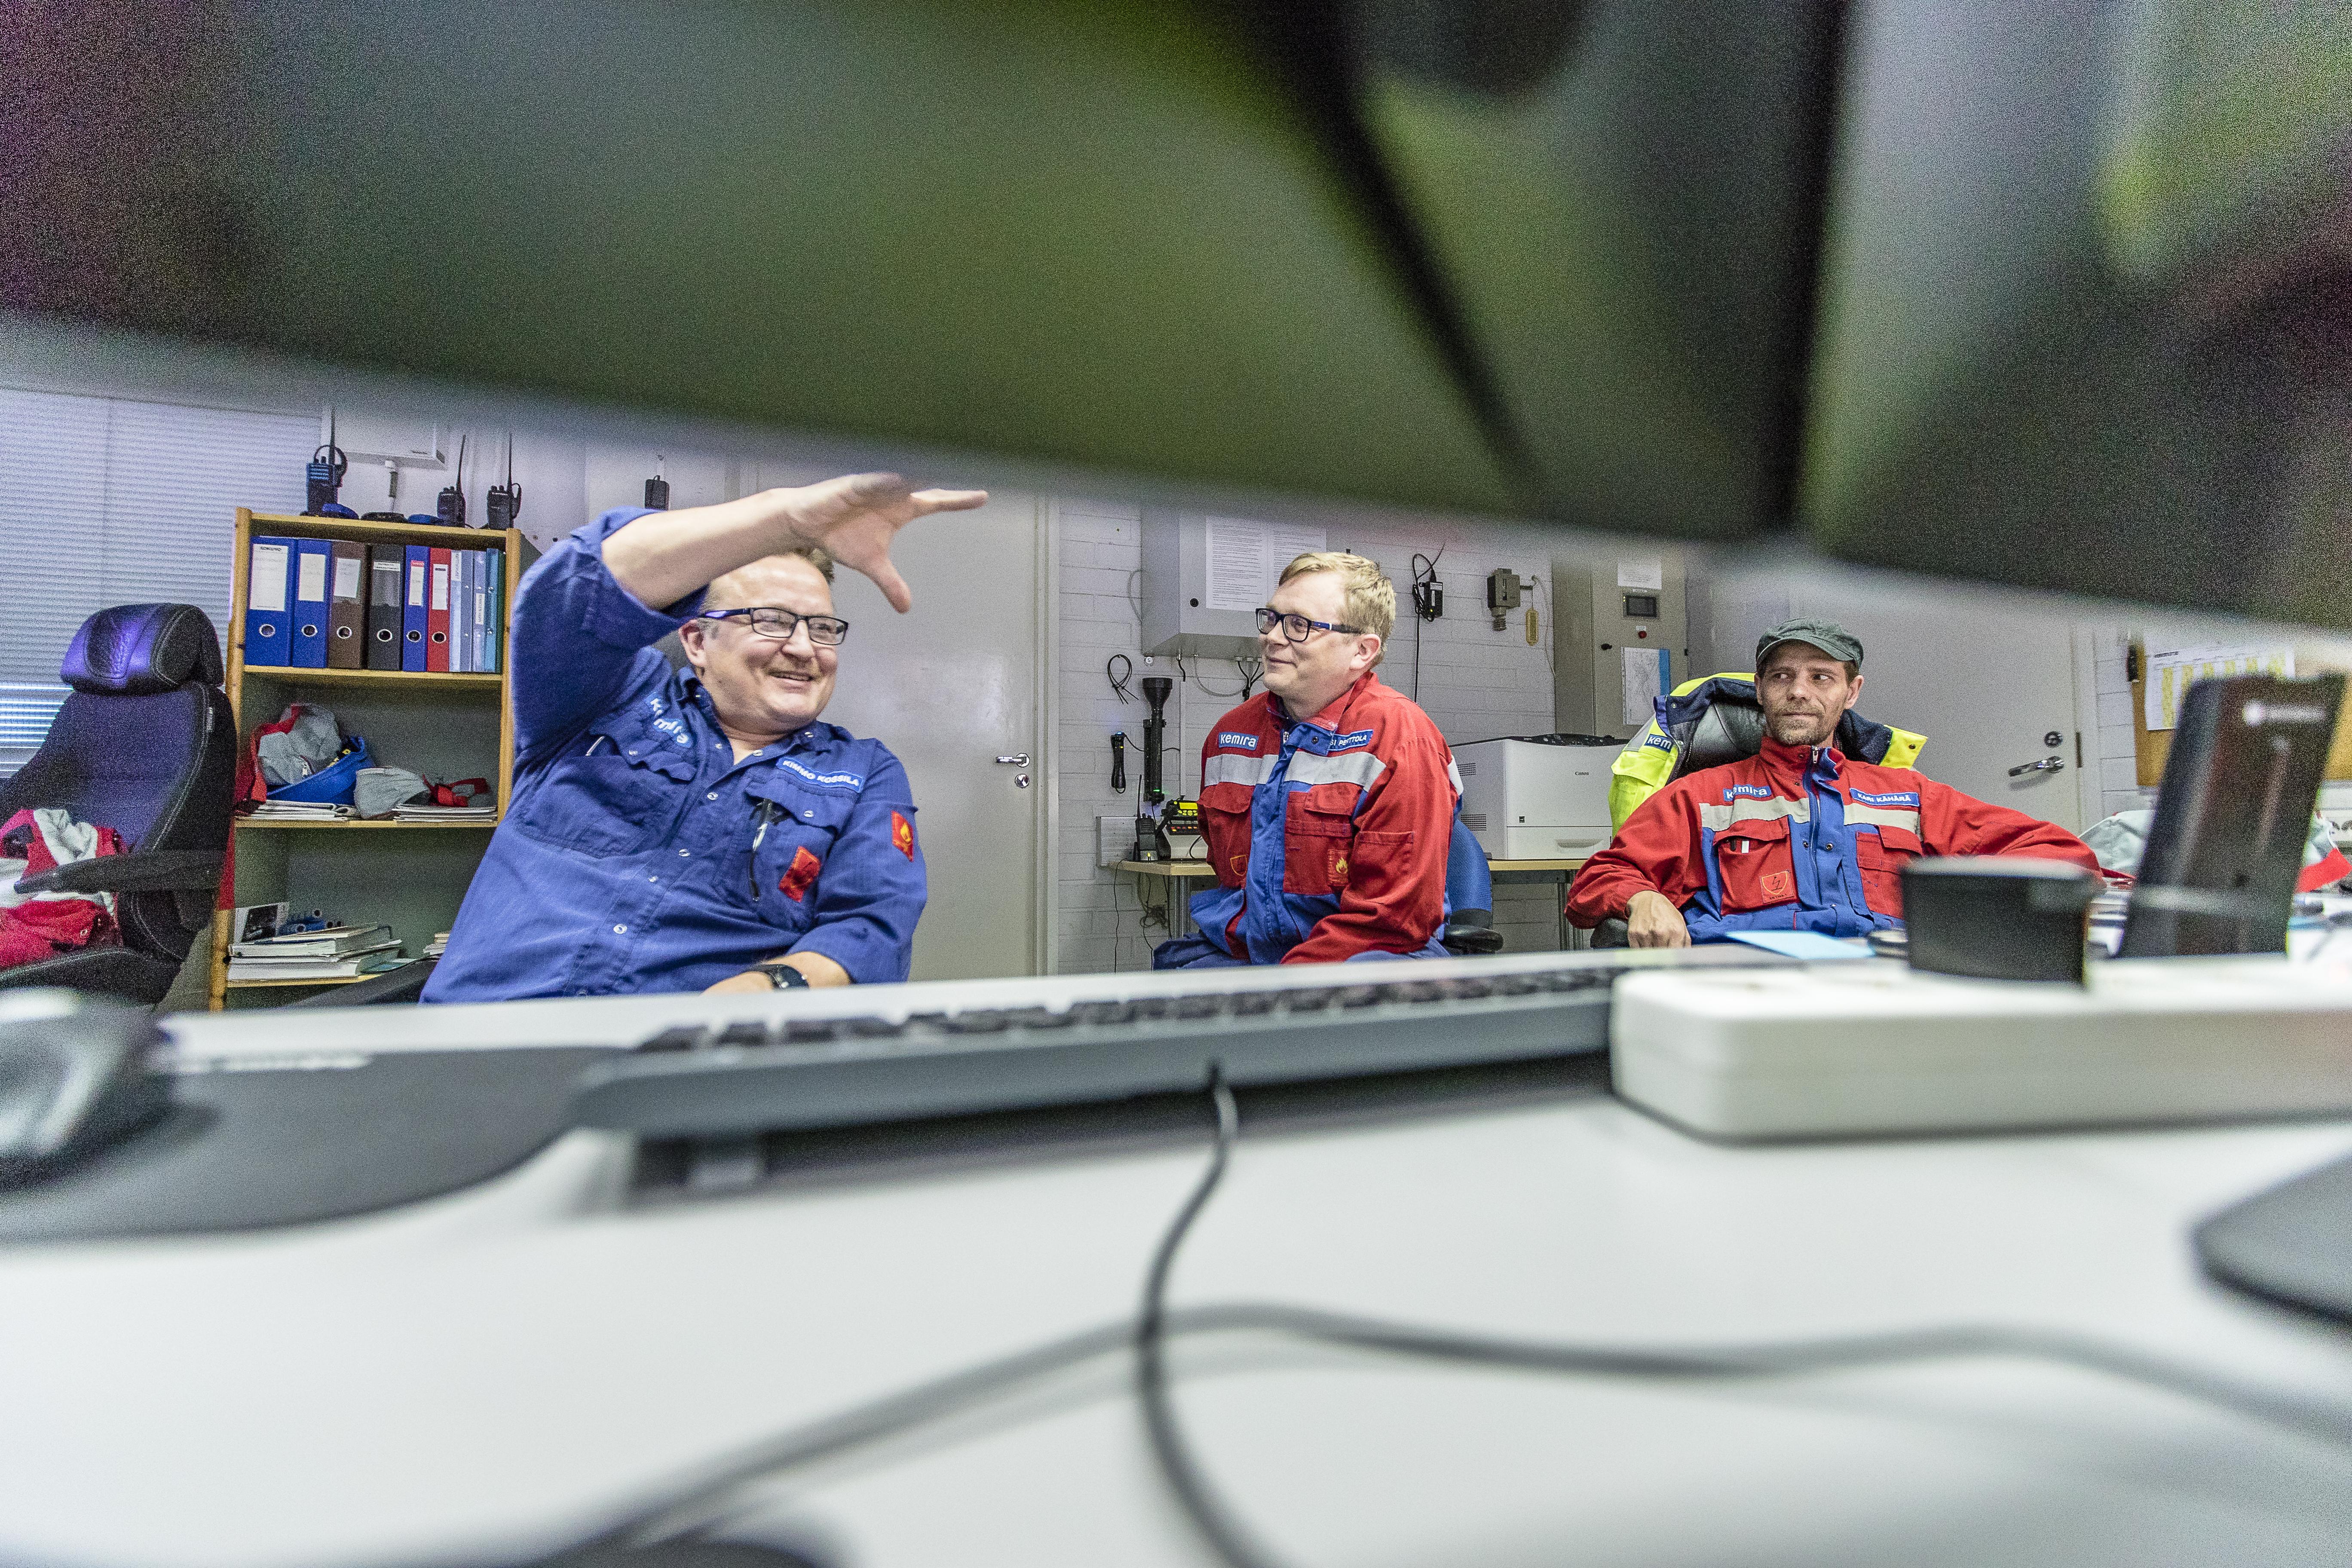 Pasi Perttola (vas.), Kimmo Kossila ja Kari Kähärä tietävät, että huumori ja avoimuus kantavat pitkälle. Jos ristiriitoja tulee, ne kannattaa ratkaista heti, ettei tarvitse mennä vihaisena nukkumaan.